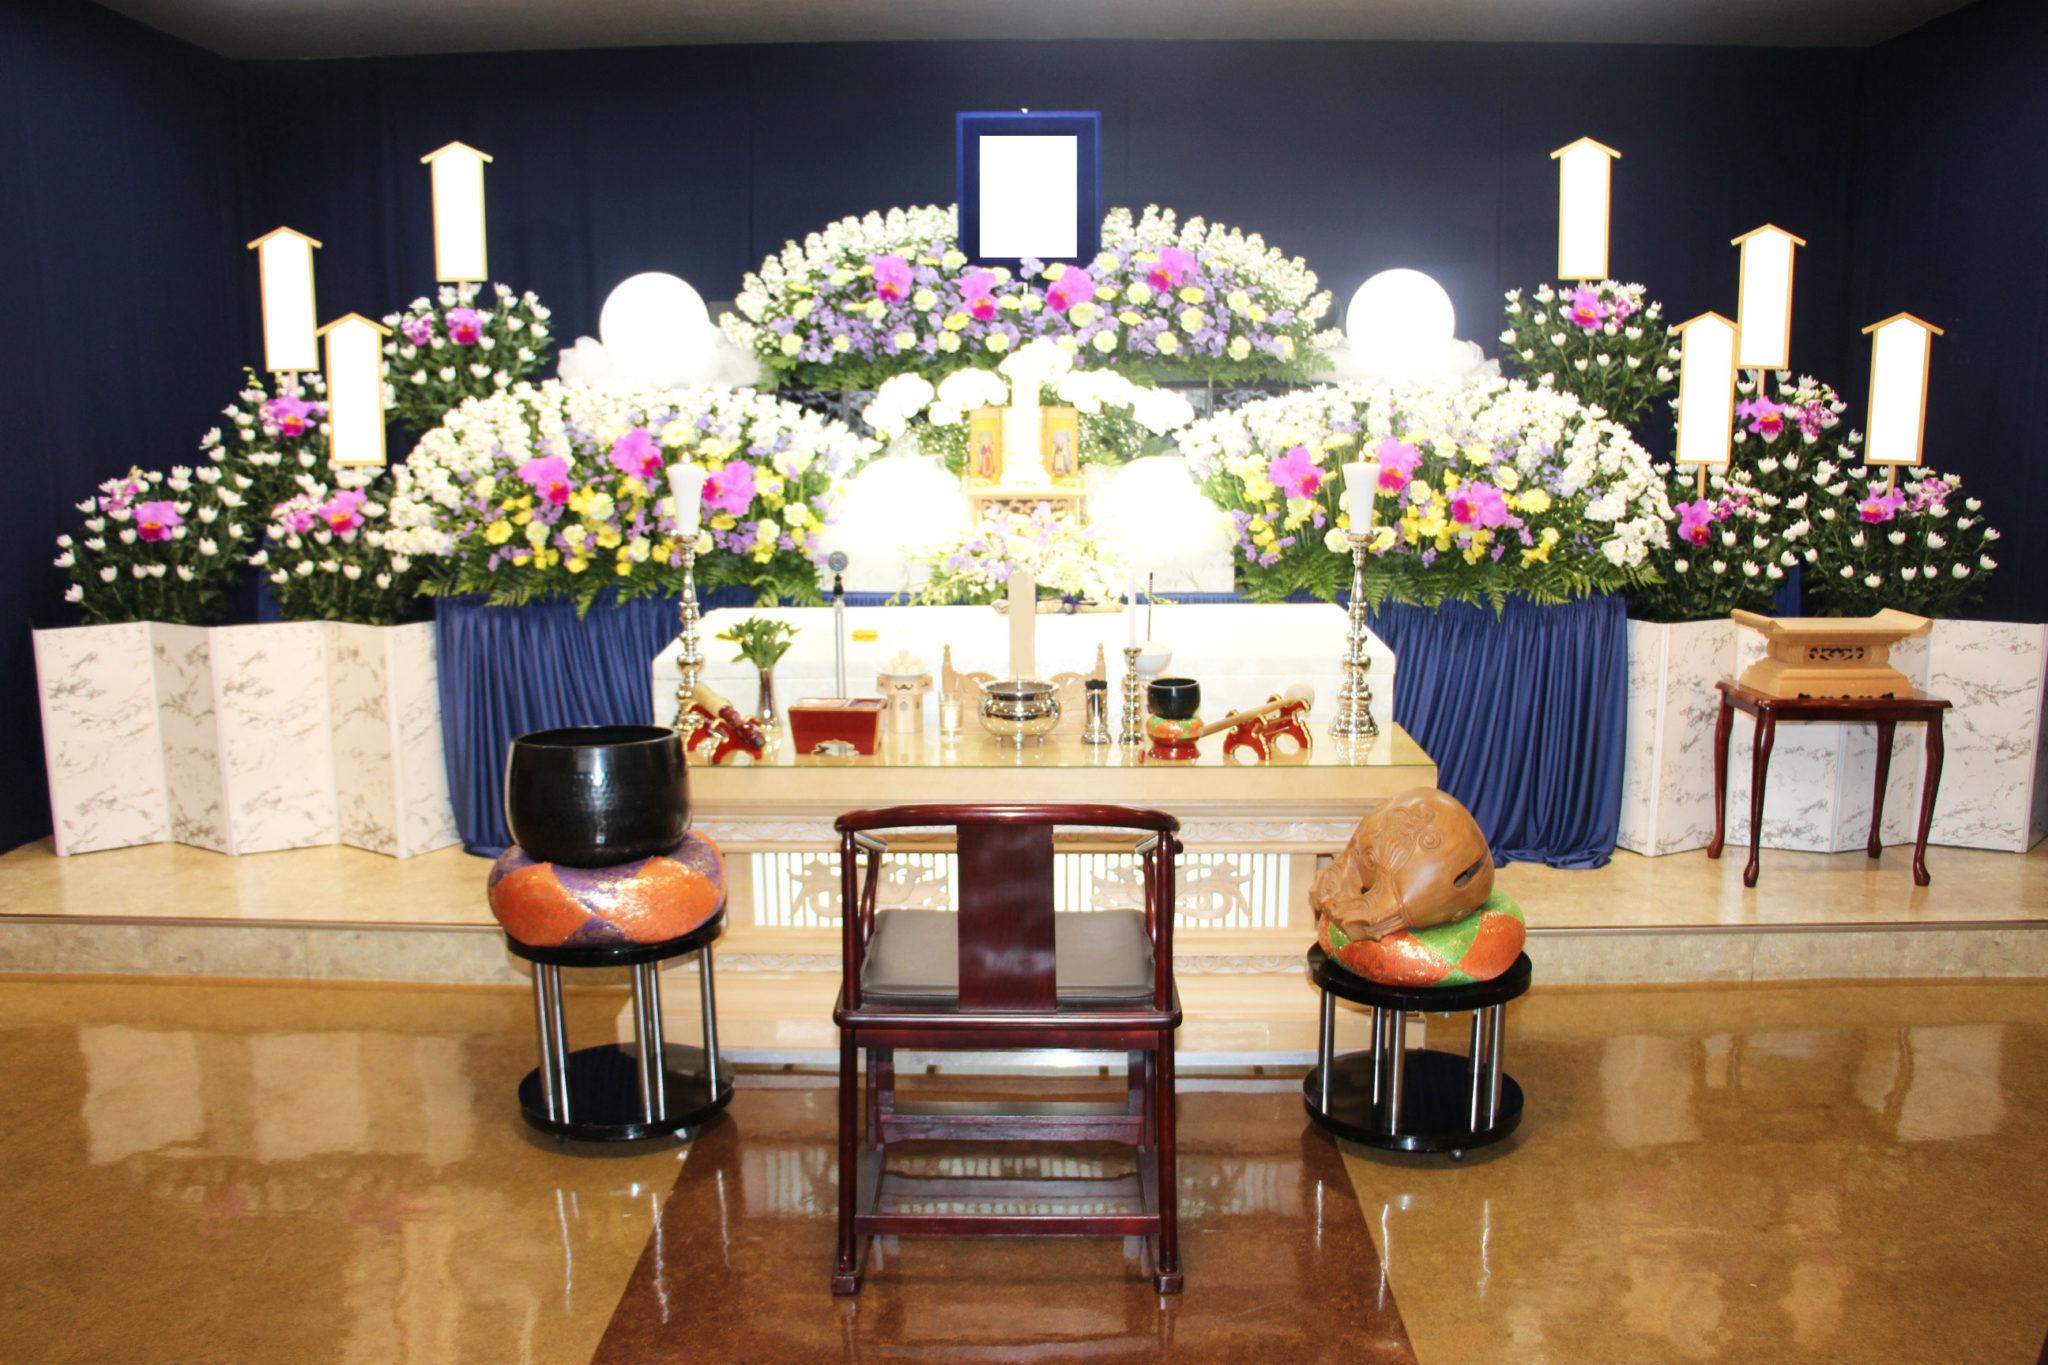 祭壇の前で故人様の思い出話をした家族葬|横浜の葬儀・葬式・家族葬 ...